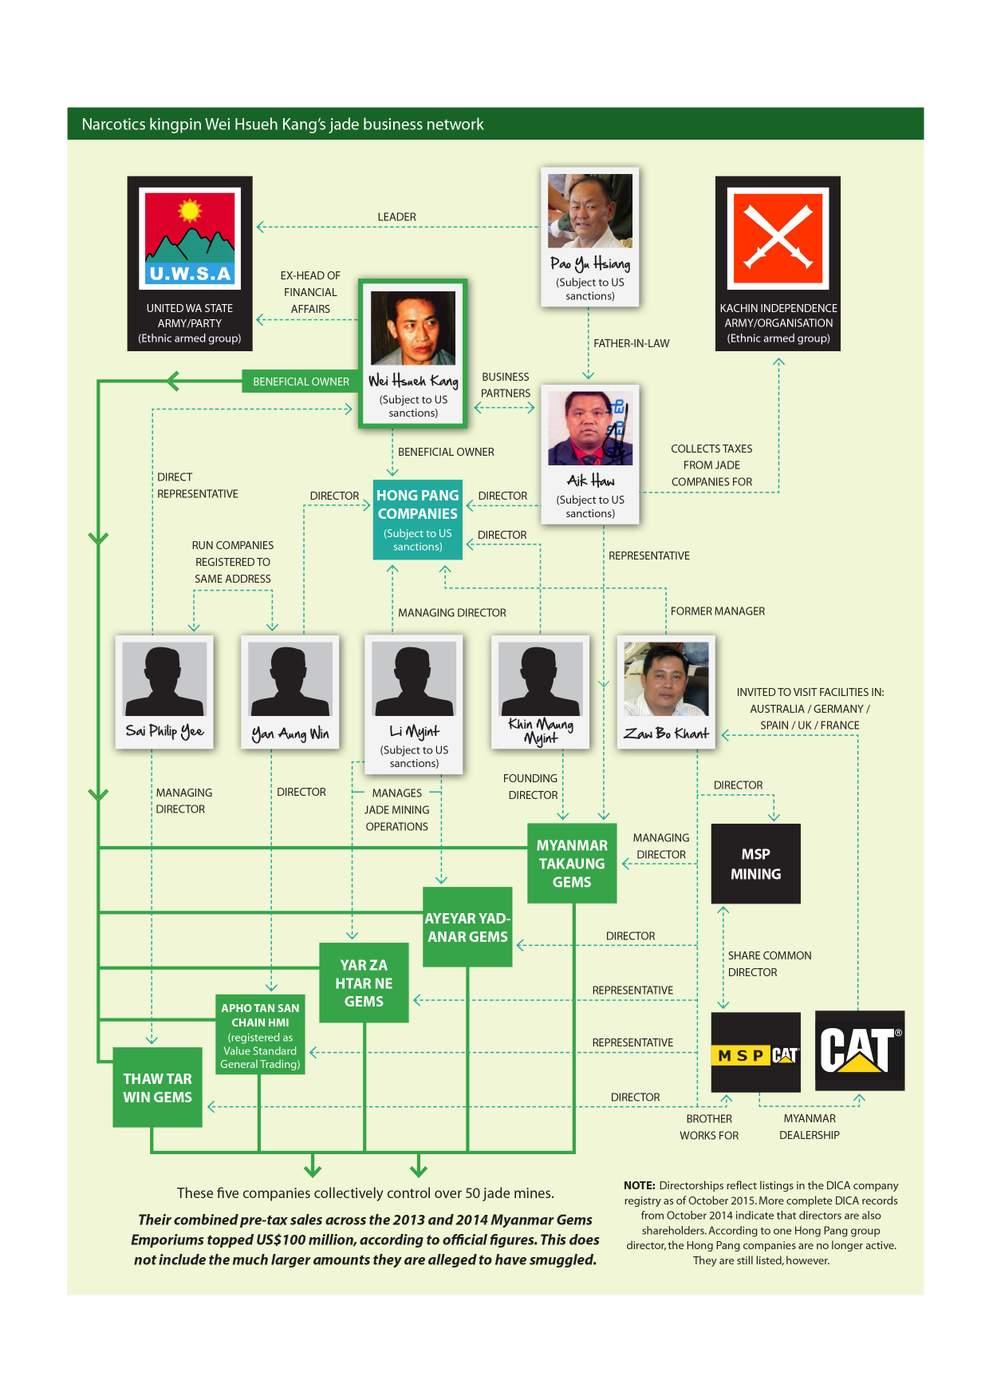 The Wei Hseuh Kang network